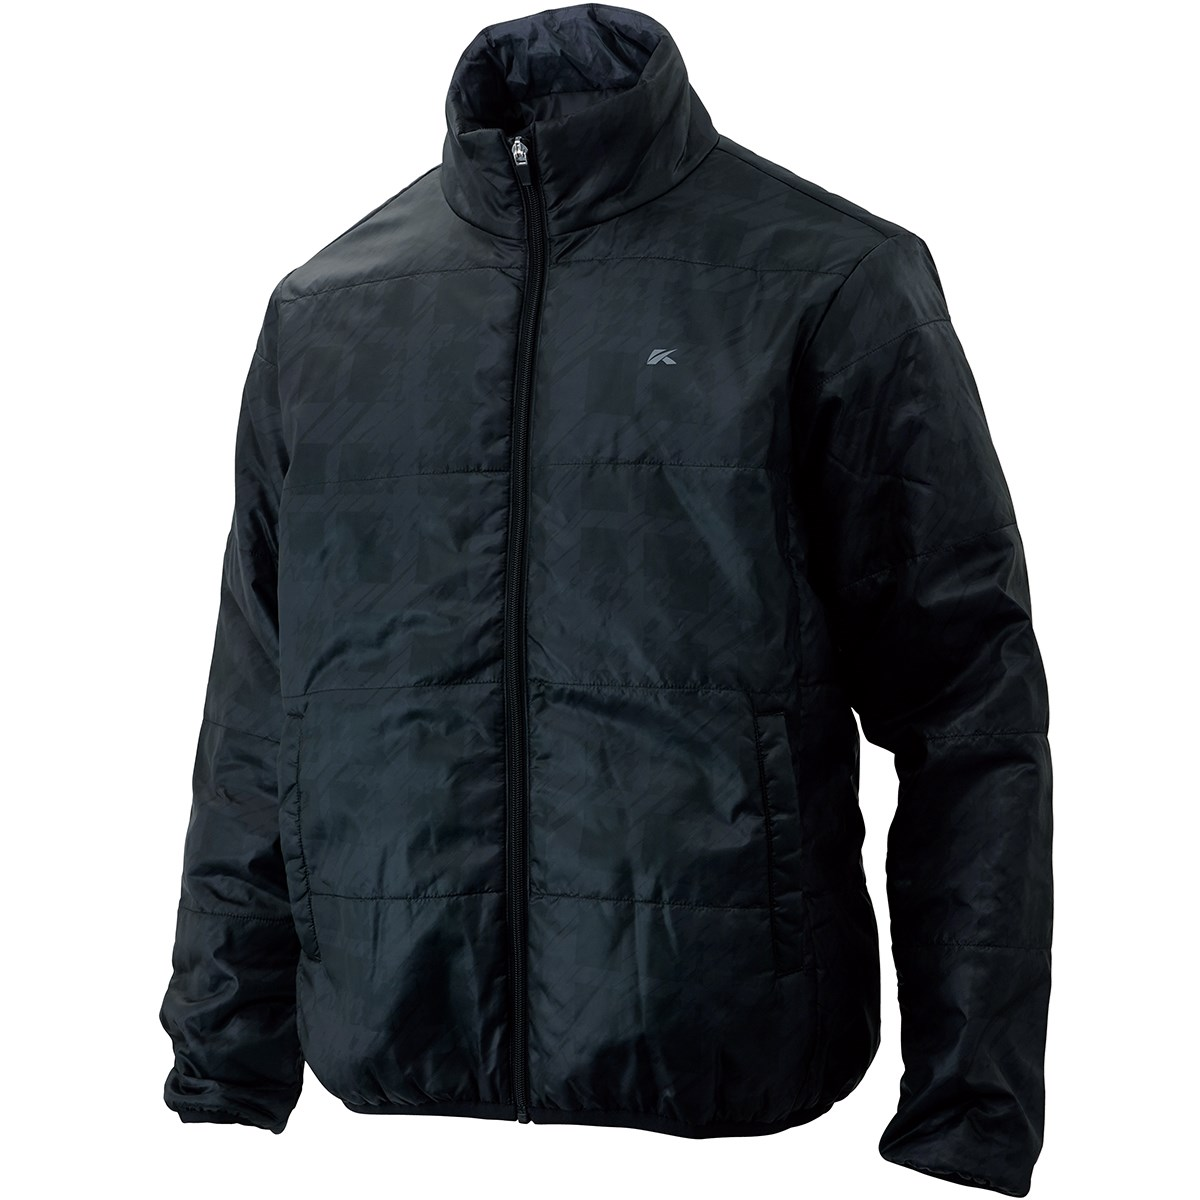 キャスコ KASCO 中綿ジャケット M ブラック